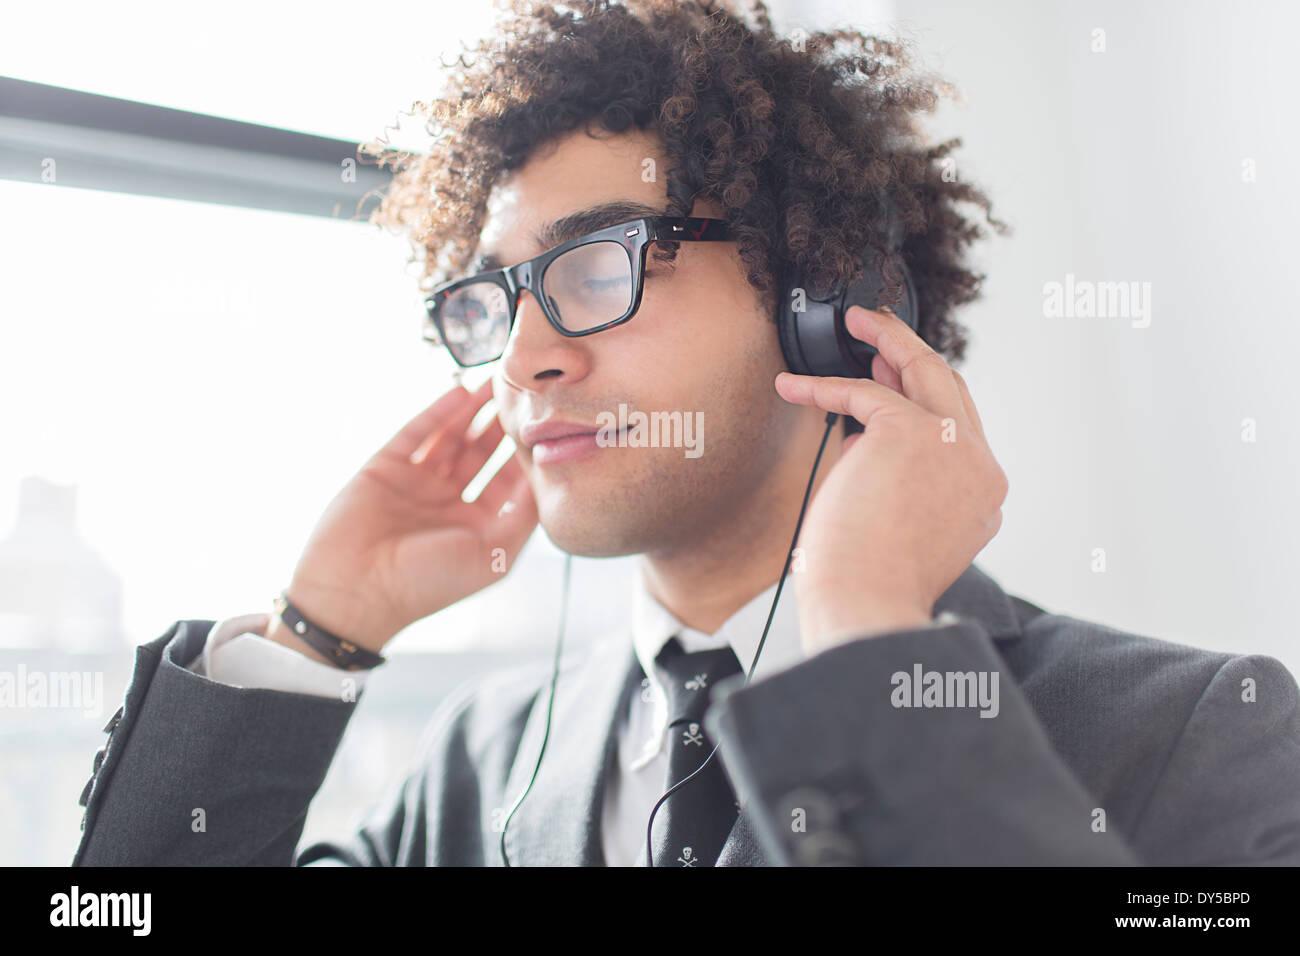 Joven usando audífonos Imagen De Stock